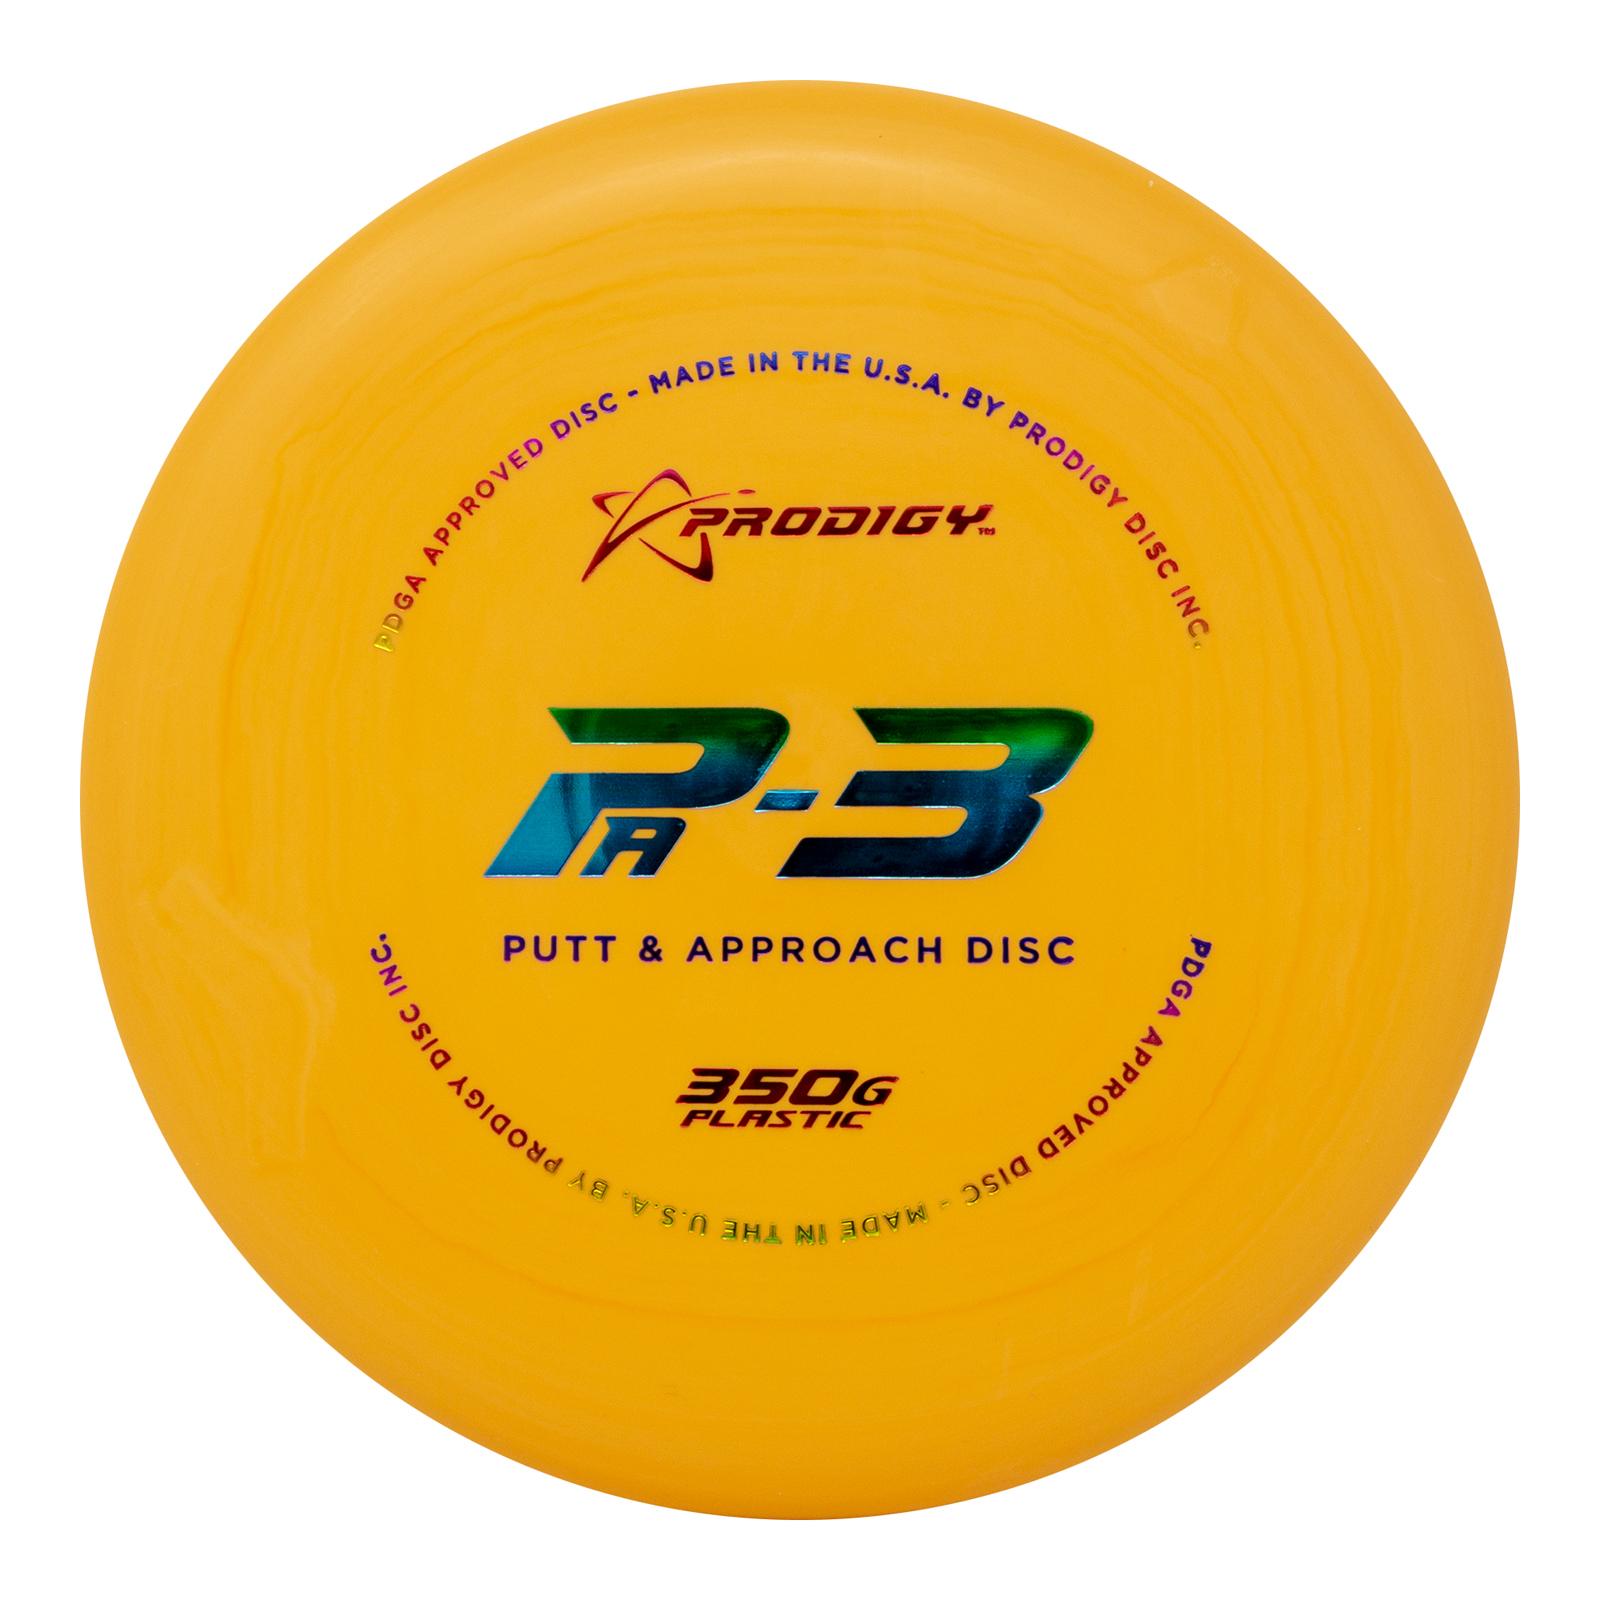 PA-3 - 350G PLASTIC